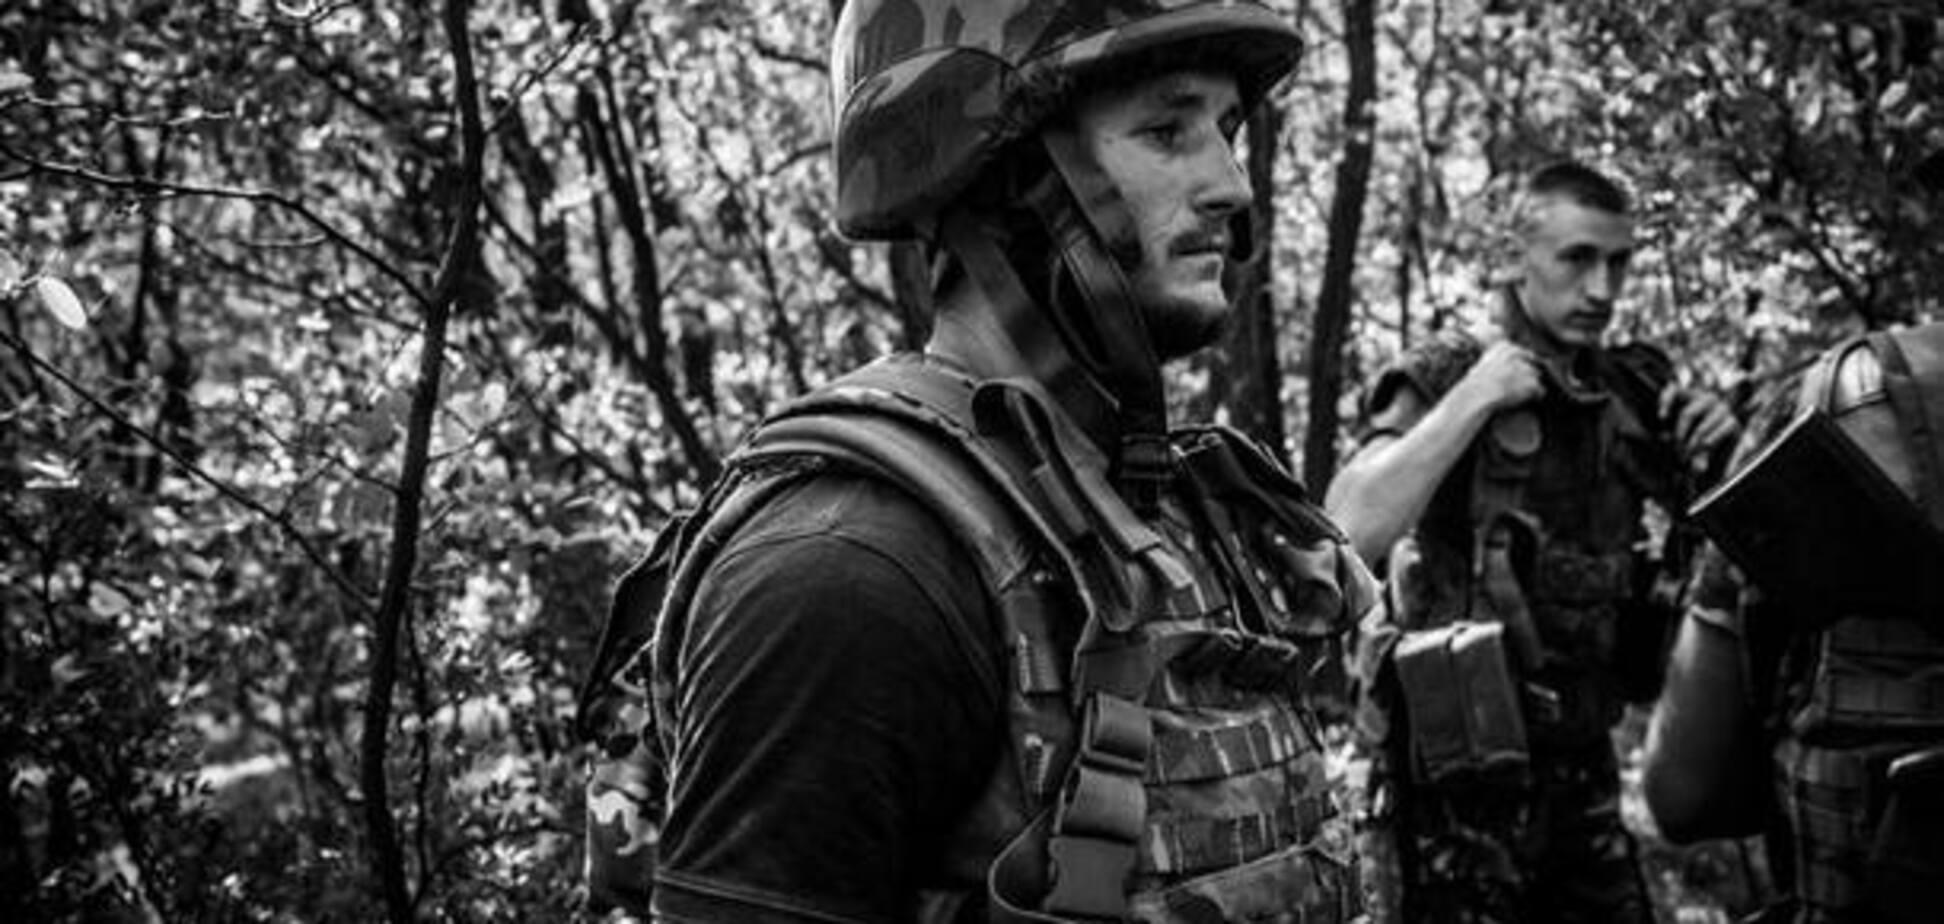 'Його бойовий дух вражав': на Донбасі загинув брат Георгія Гонгадзе